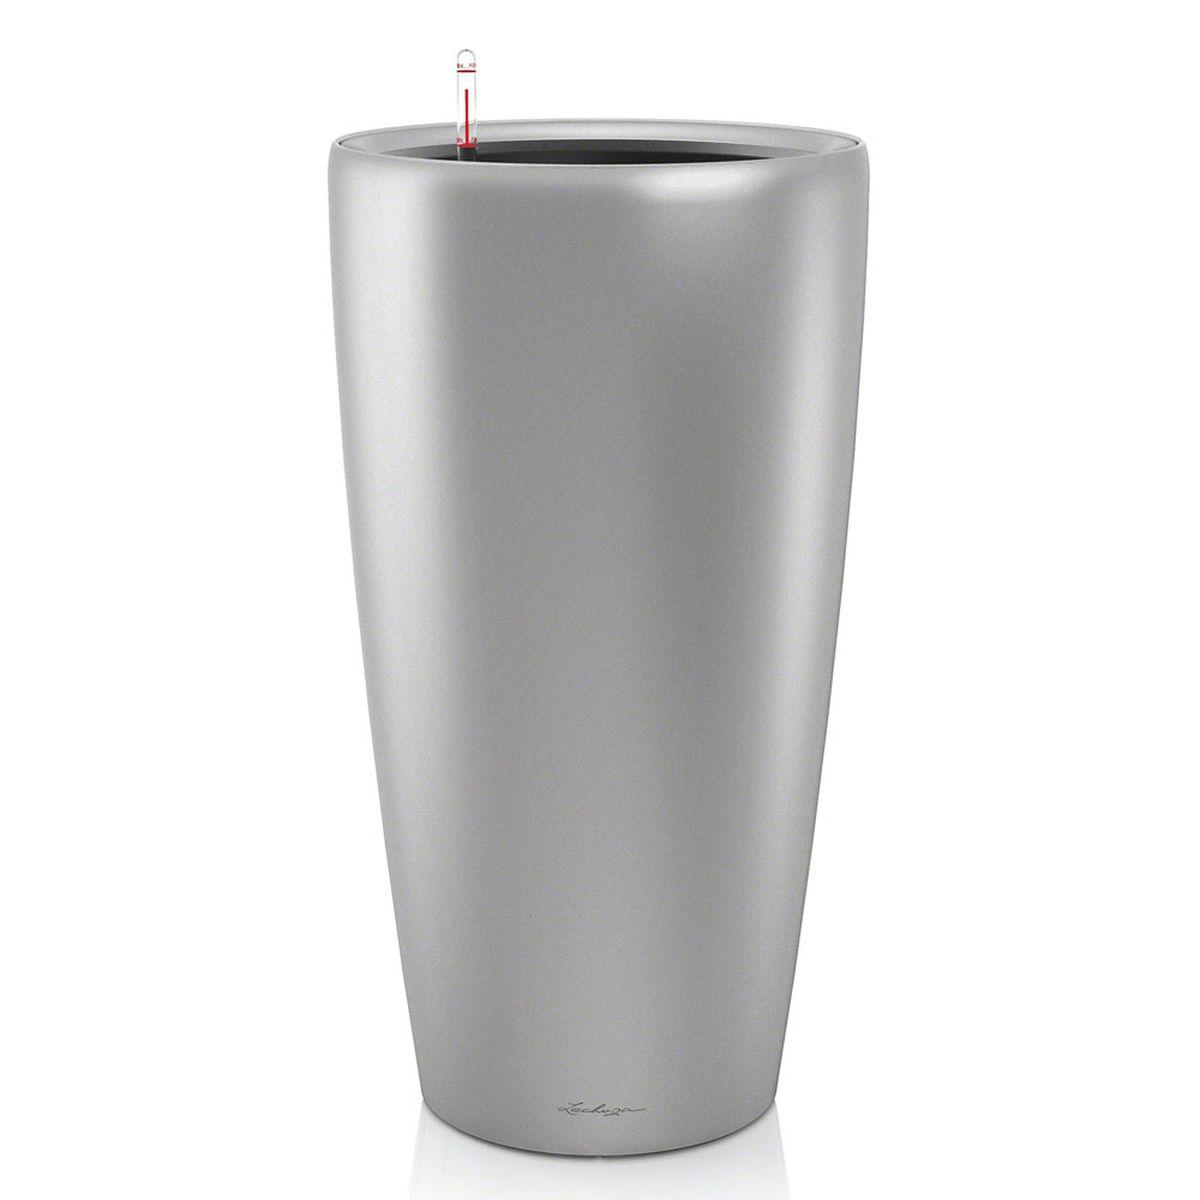 Кашпо с автополивом Lechuza Rondo 40х75 см, серебро41623Изящная форма кашпо RONDO является одновременно элегантной и несложной, и позволяет представить в выгодном свете любое растение. Сочетание кашпо с моделями CLASSICO идеально дополняет общую картину.Особые преимущества:- Всегда элегантный дизайн кашпо, соответствующий серии CLASSICO- Совершенная форма кашпо, для самых разных растений и позицийВнутренний горшок с выдвижными ручками обеспечивает:- Легкую переноску даже высоких растений- Легкую смену растений